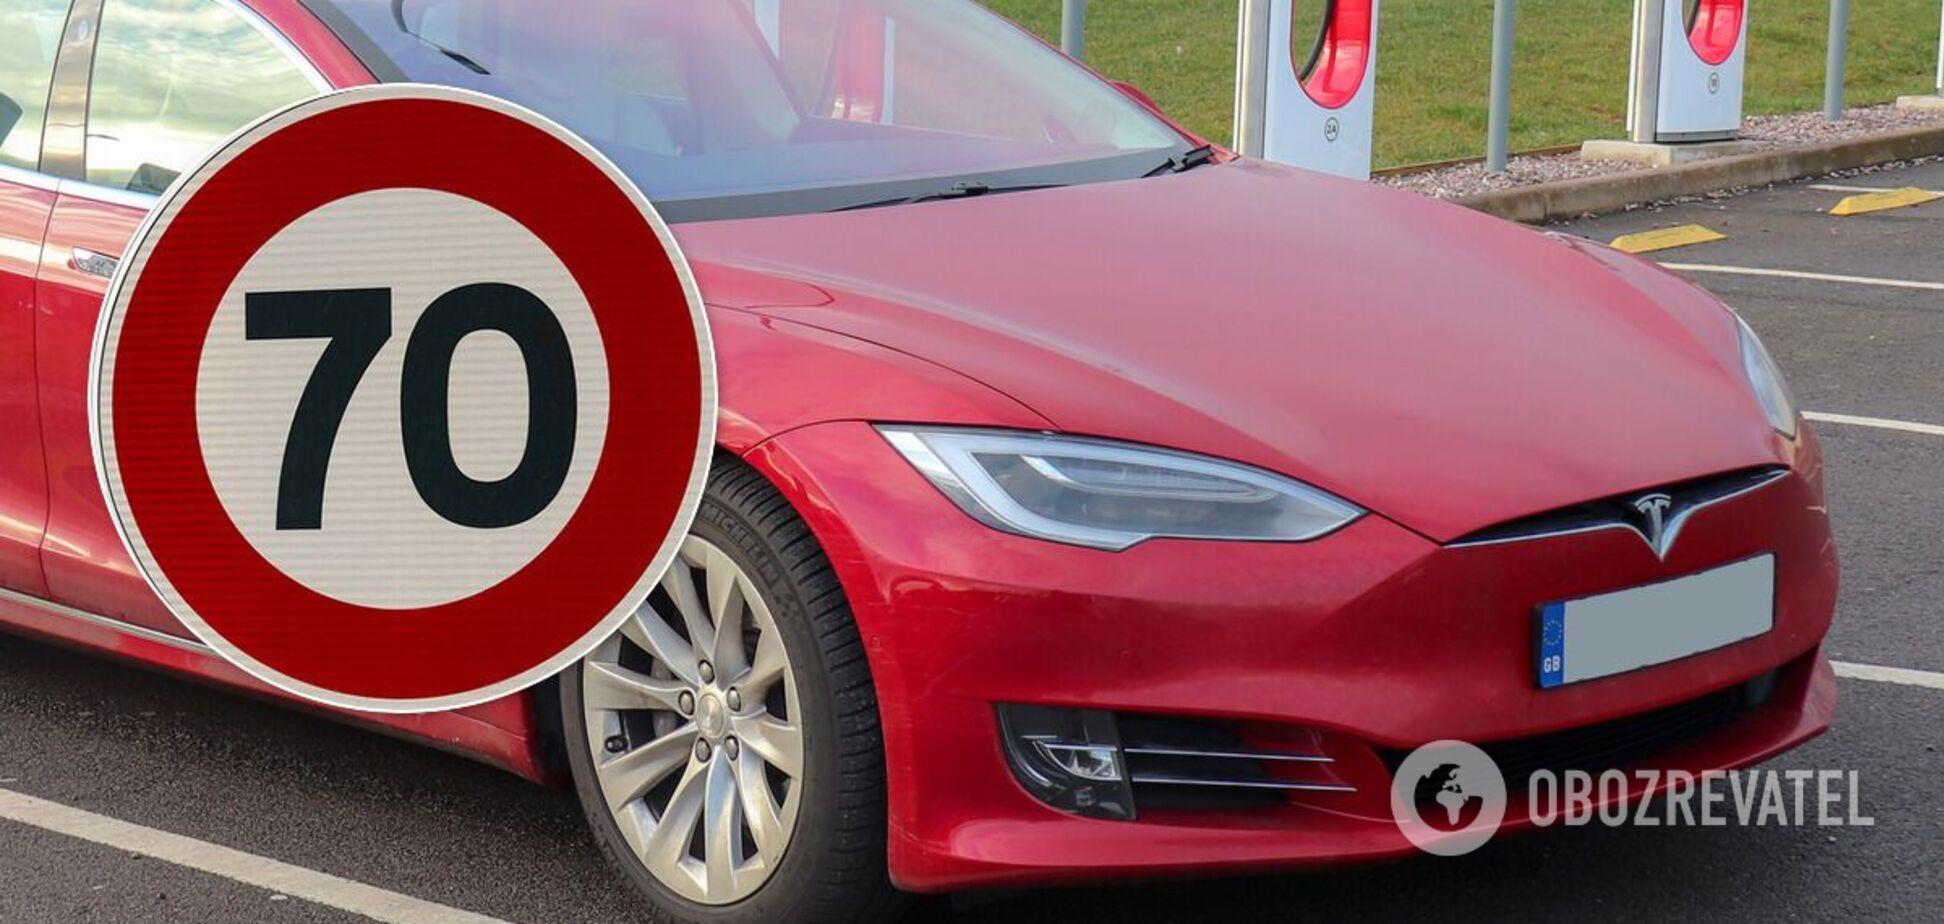 Автомобили Тесла научились распознавать скоростные лимиты